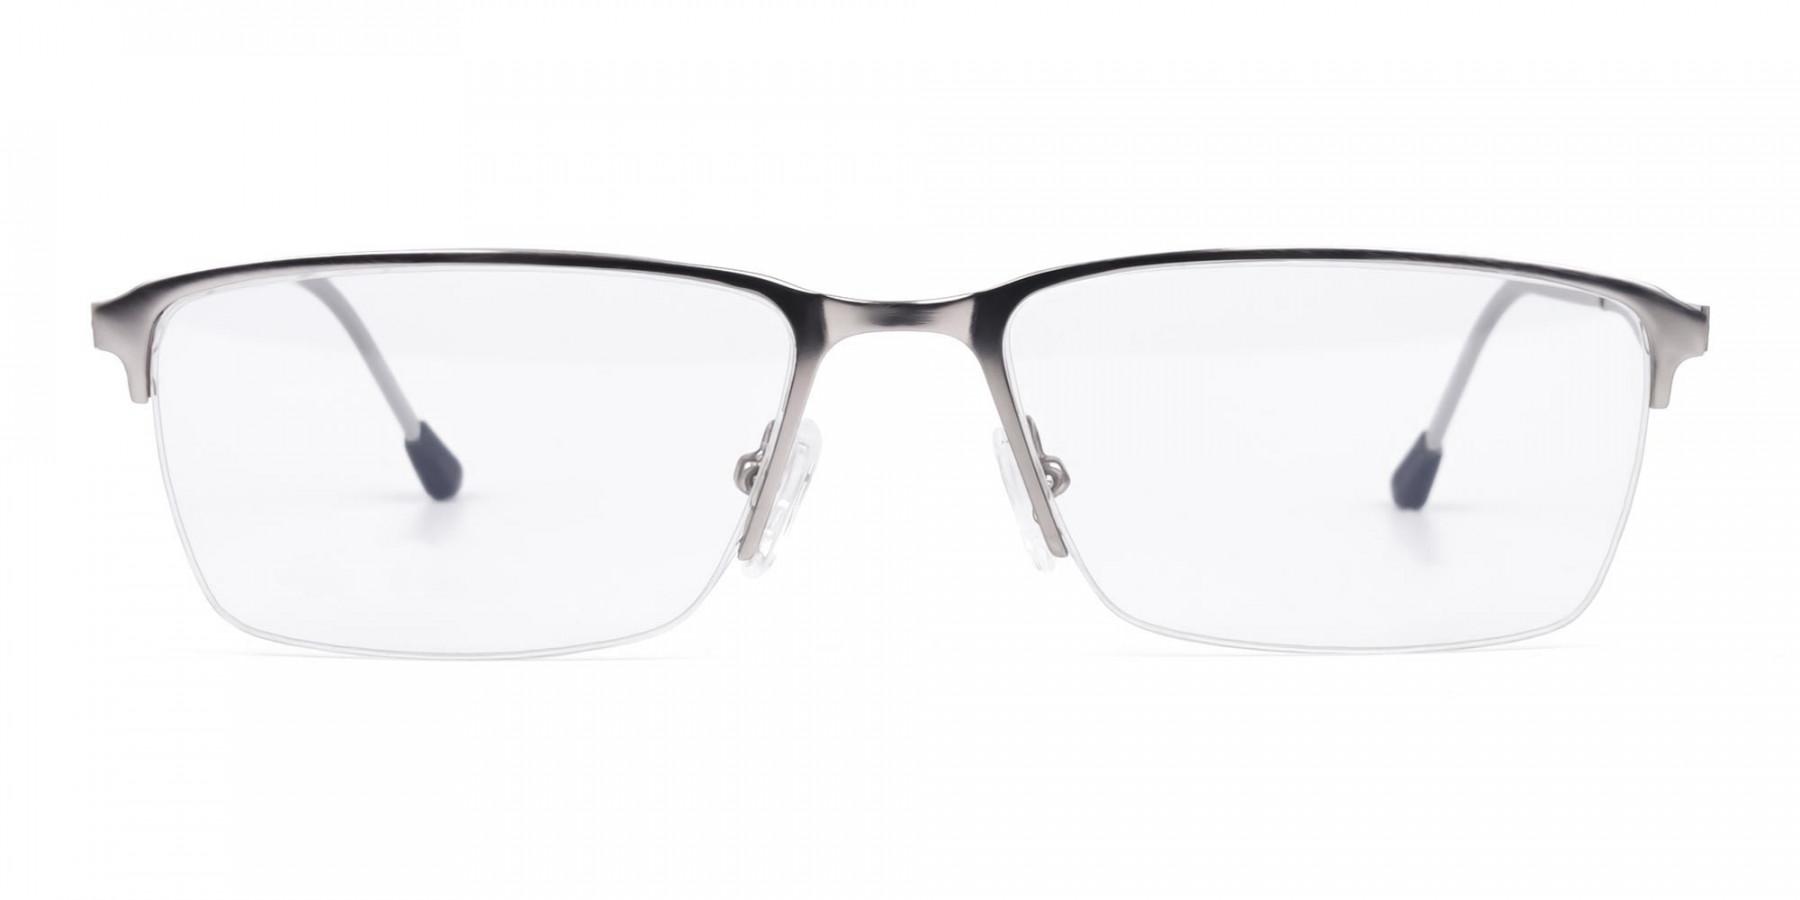 titanium glasses online-1